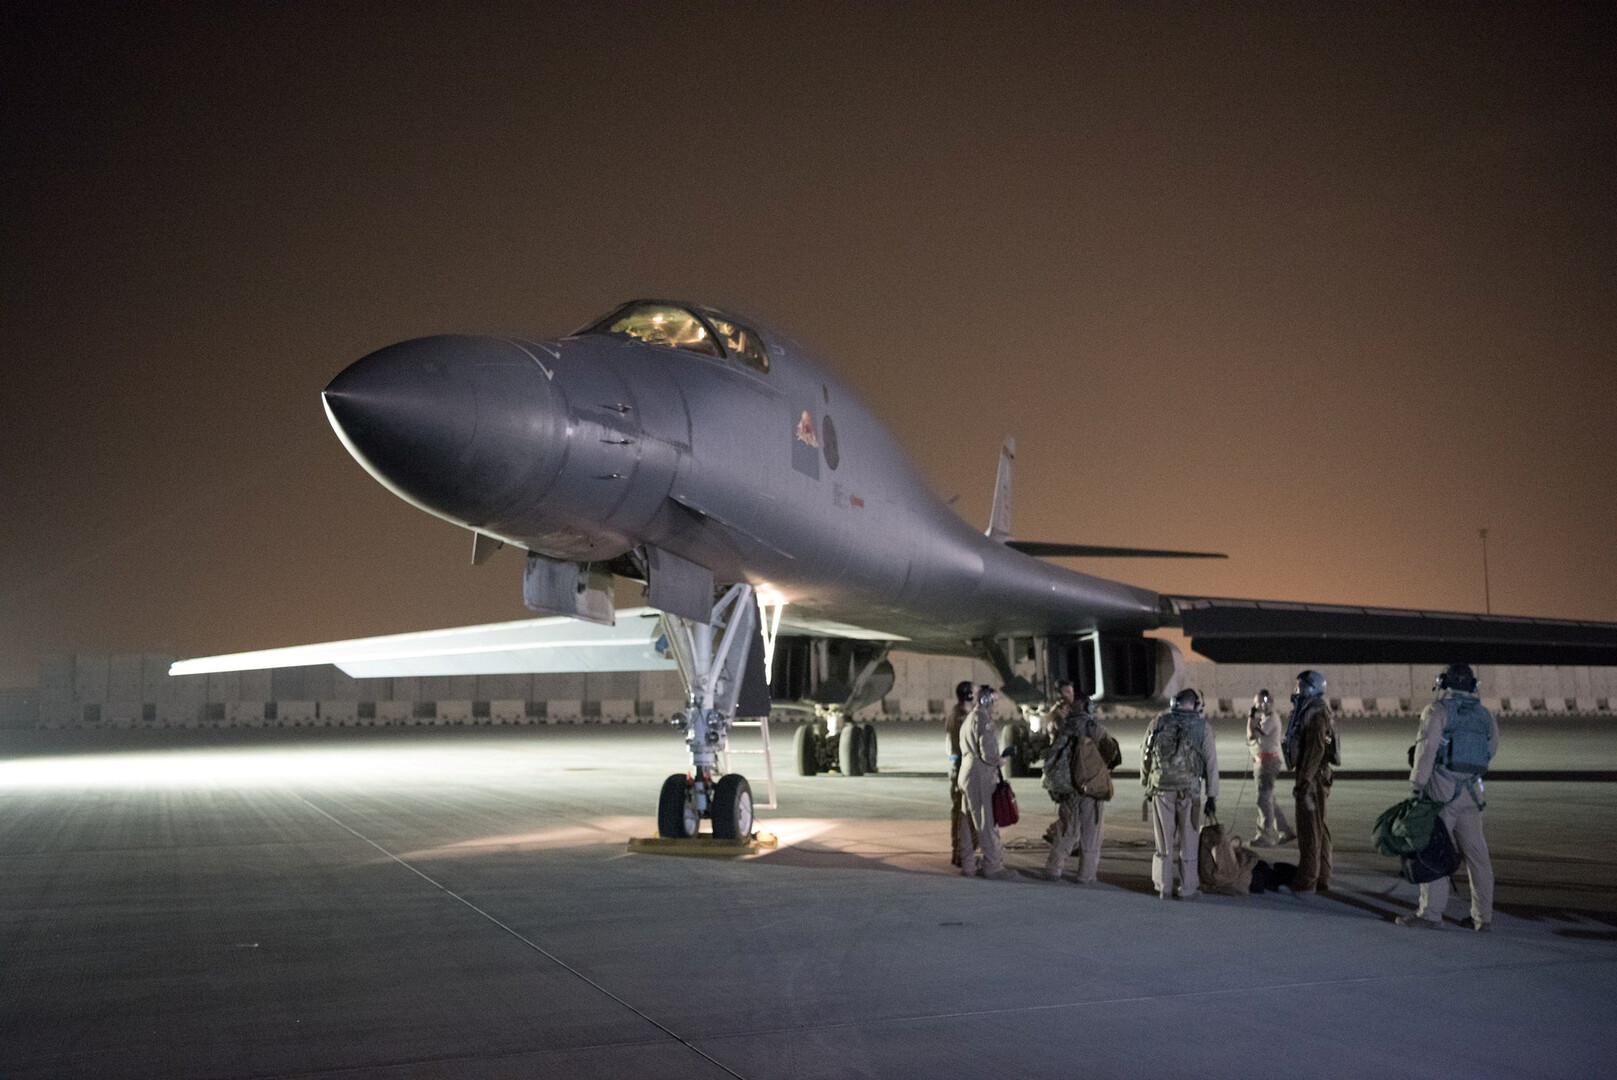 بالفيديو.. هبوط طائرات حربية أمريكية جديدة في السعودية والإمارات